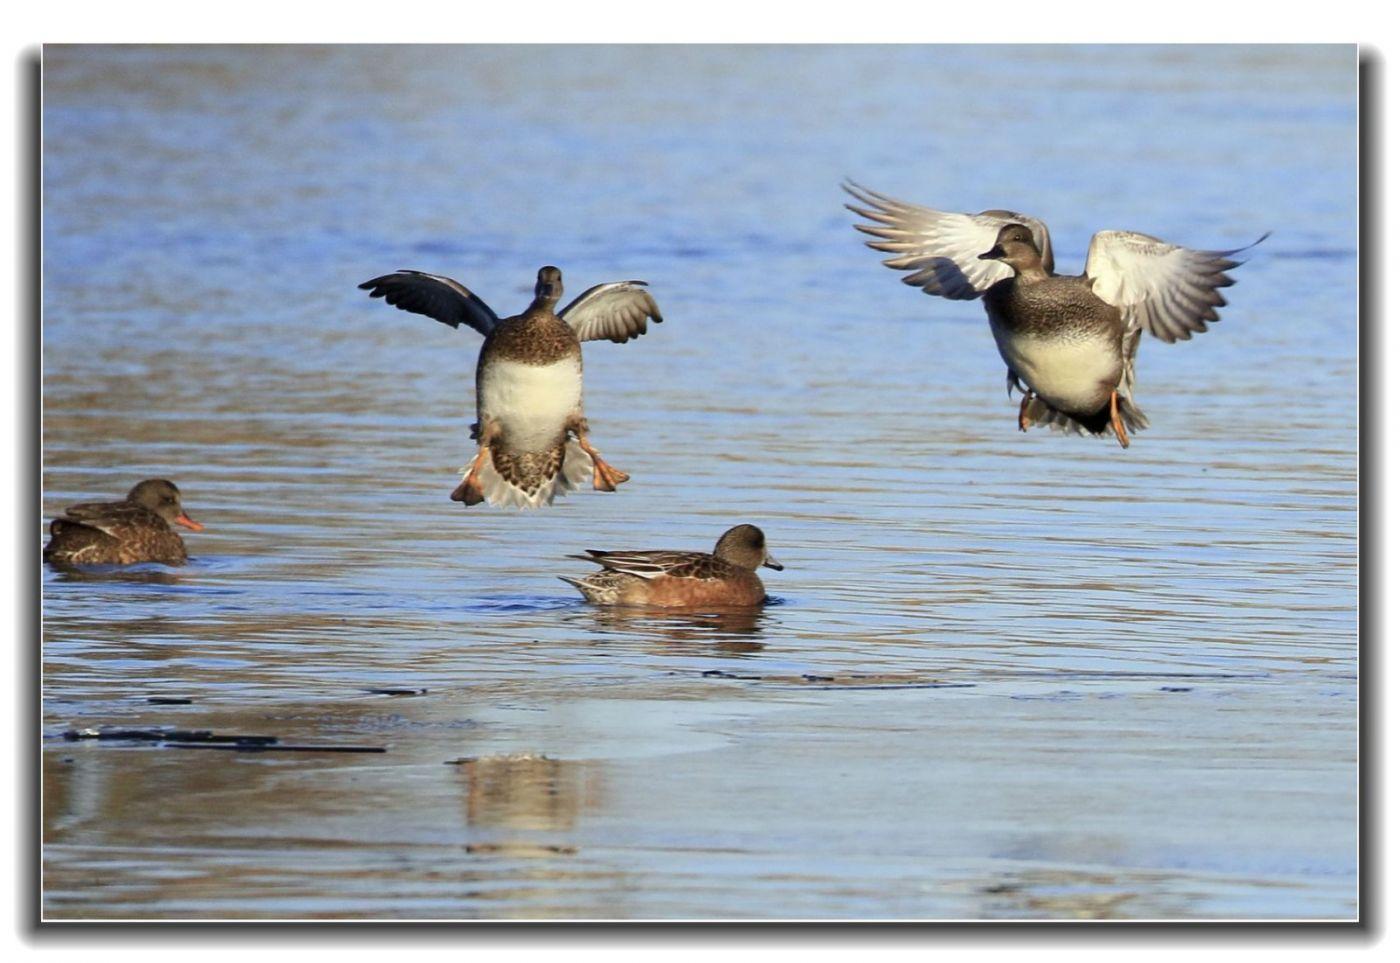 牙买加野生动物保护区拍天鹅及水鸟_图1-14